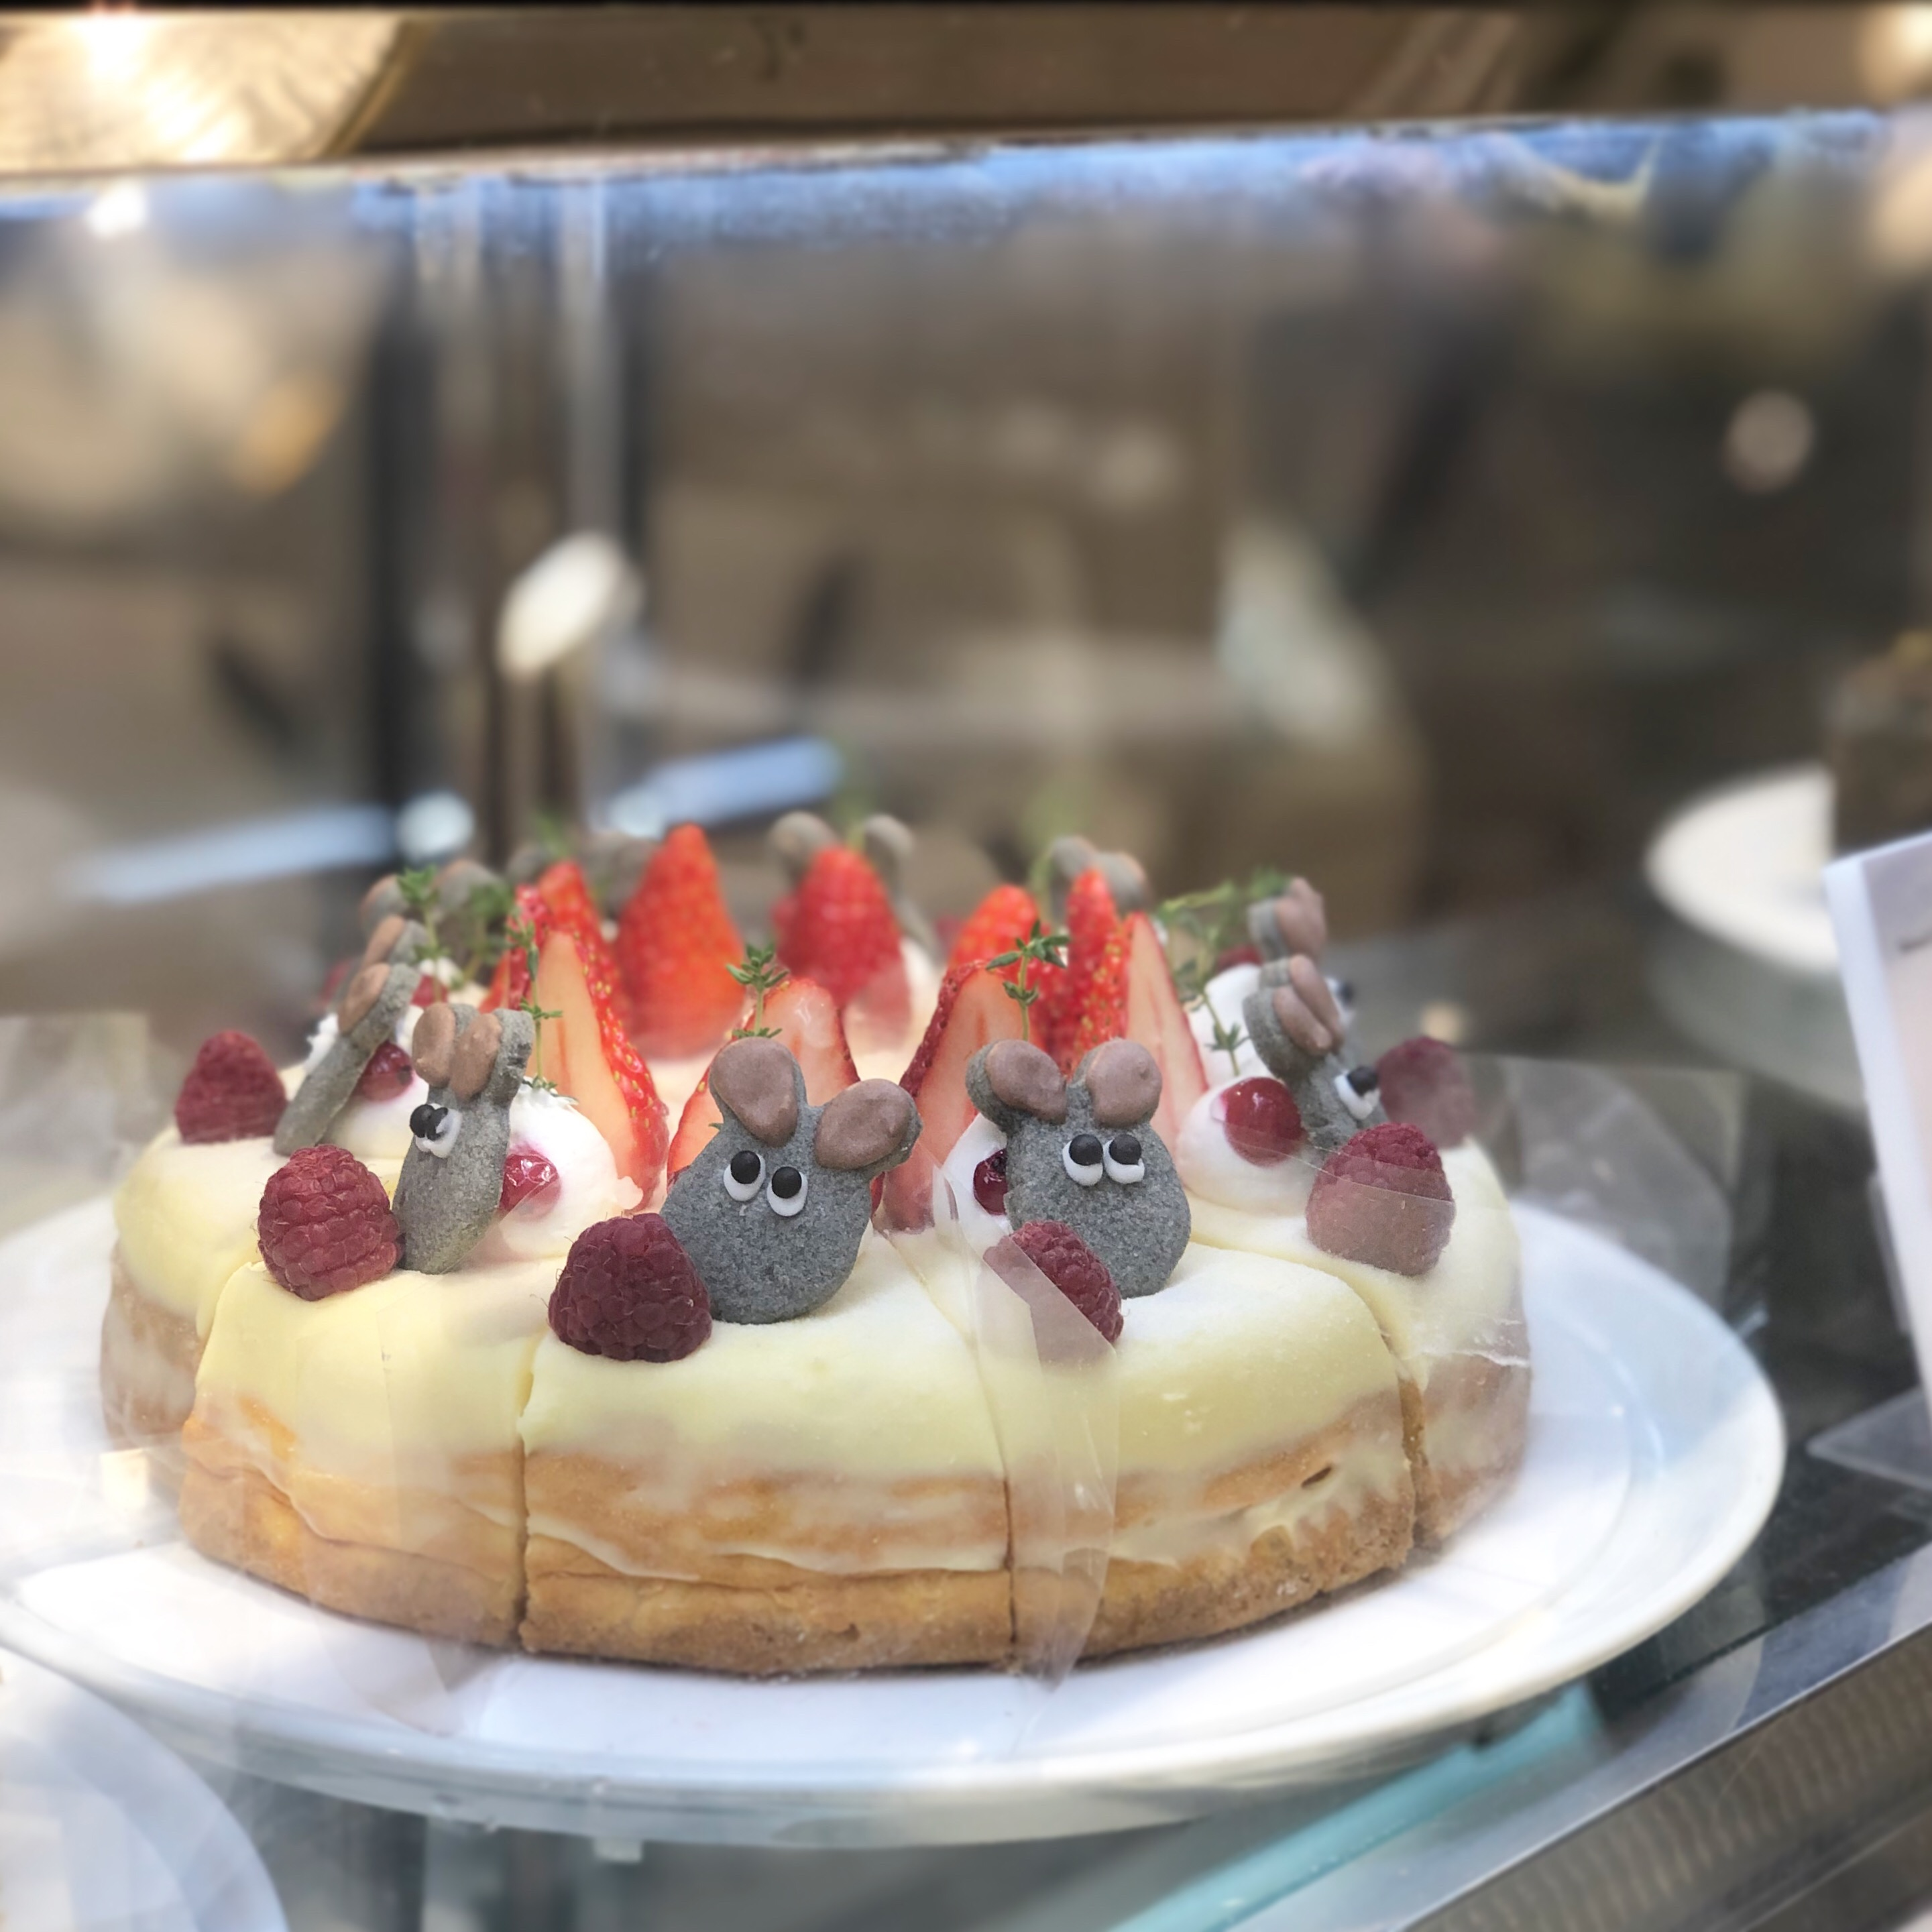 テイクアウトもできるフレデリックのケーキ!